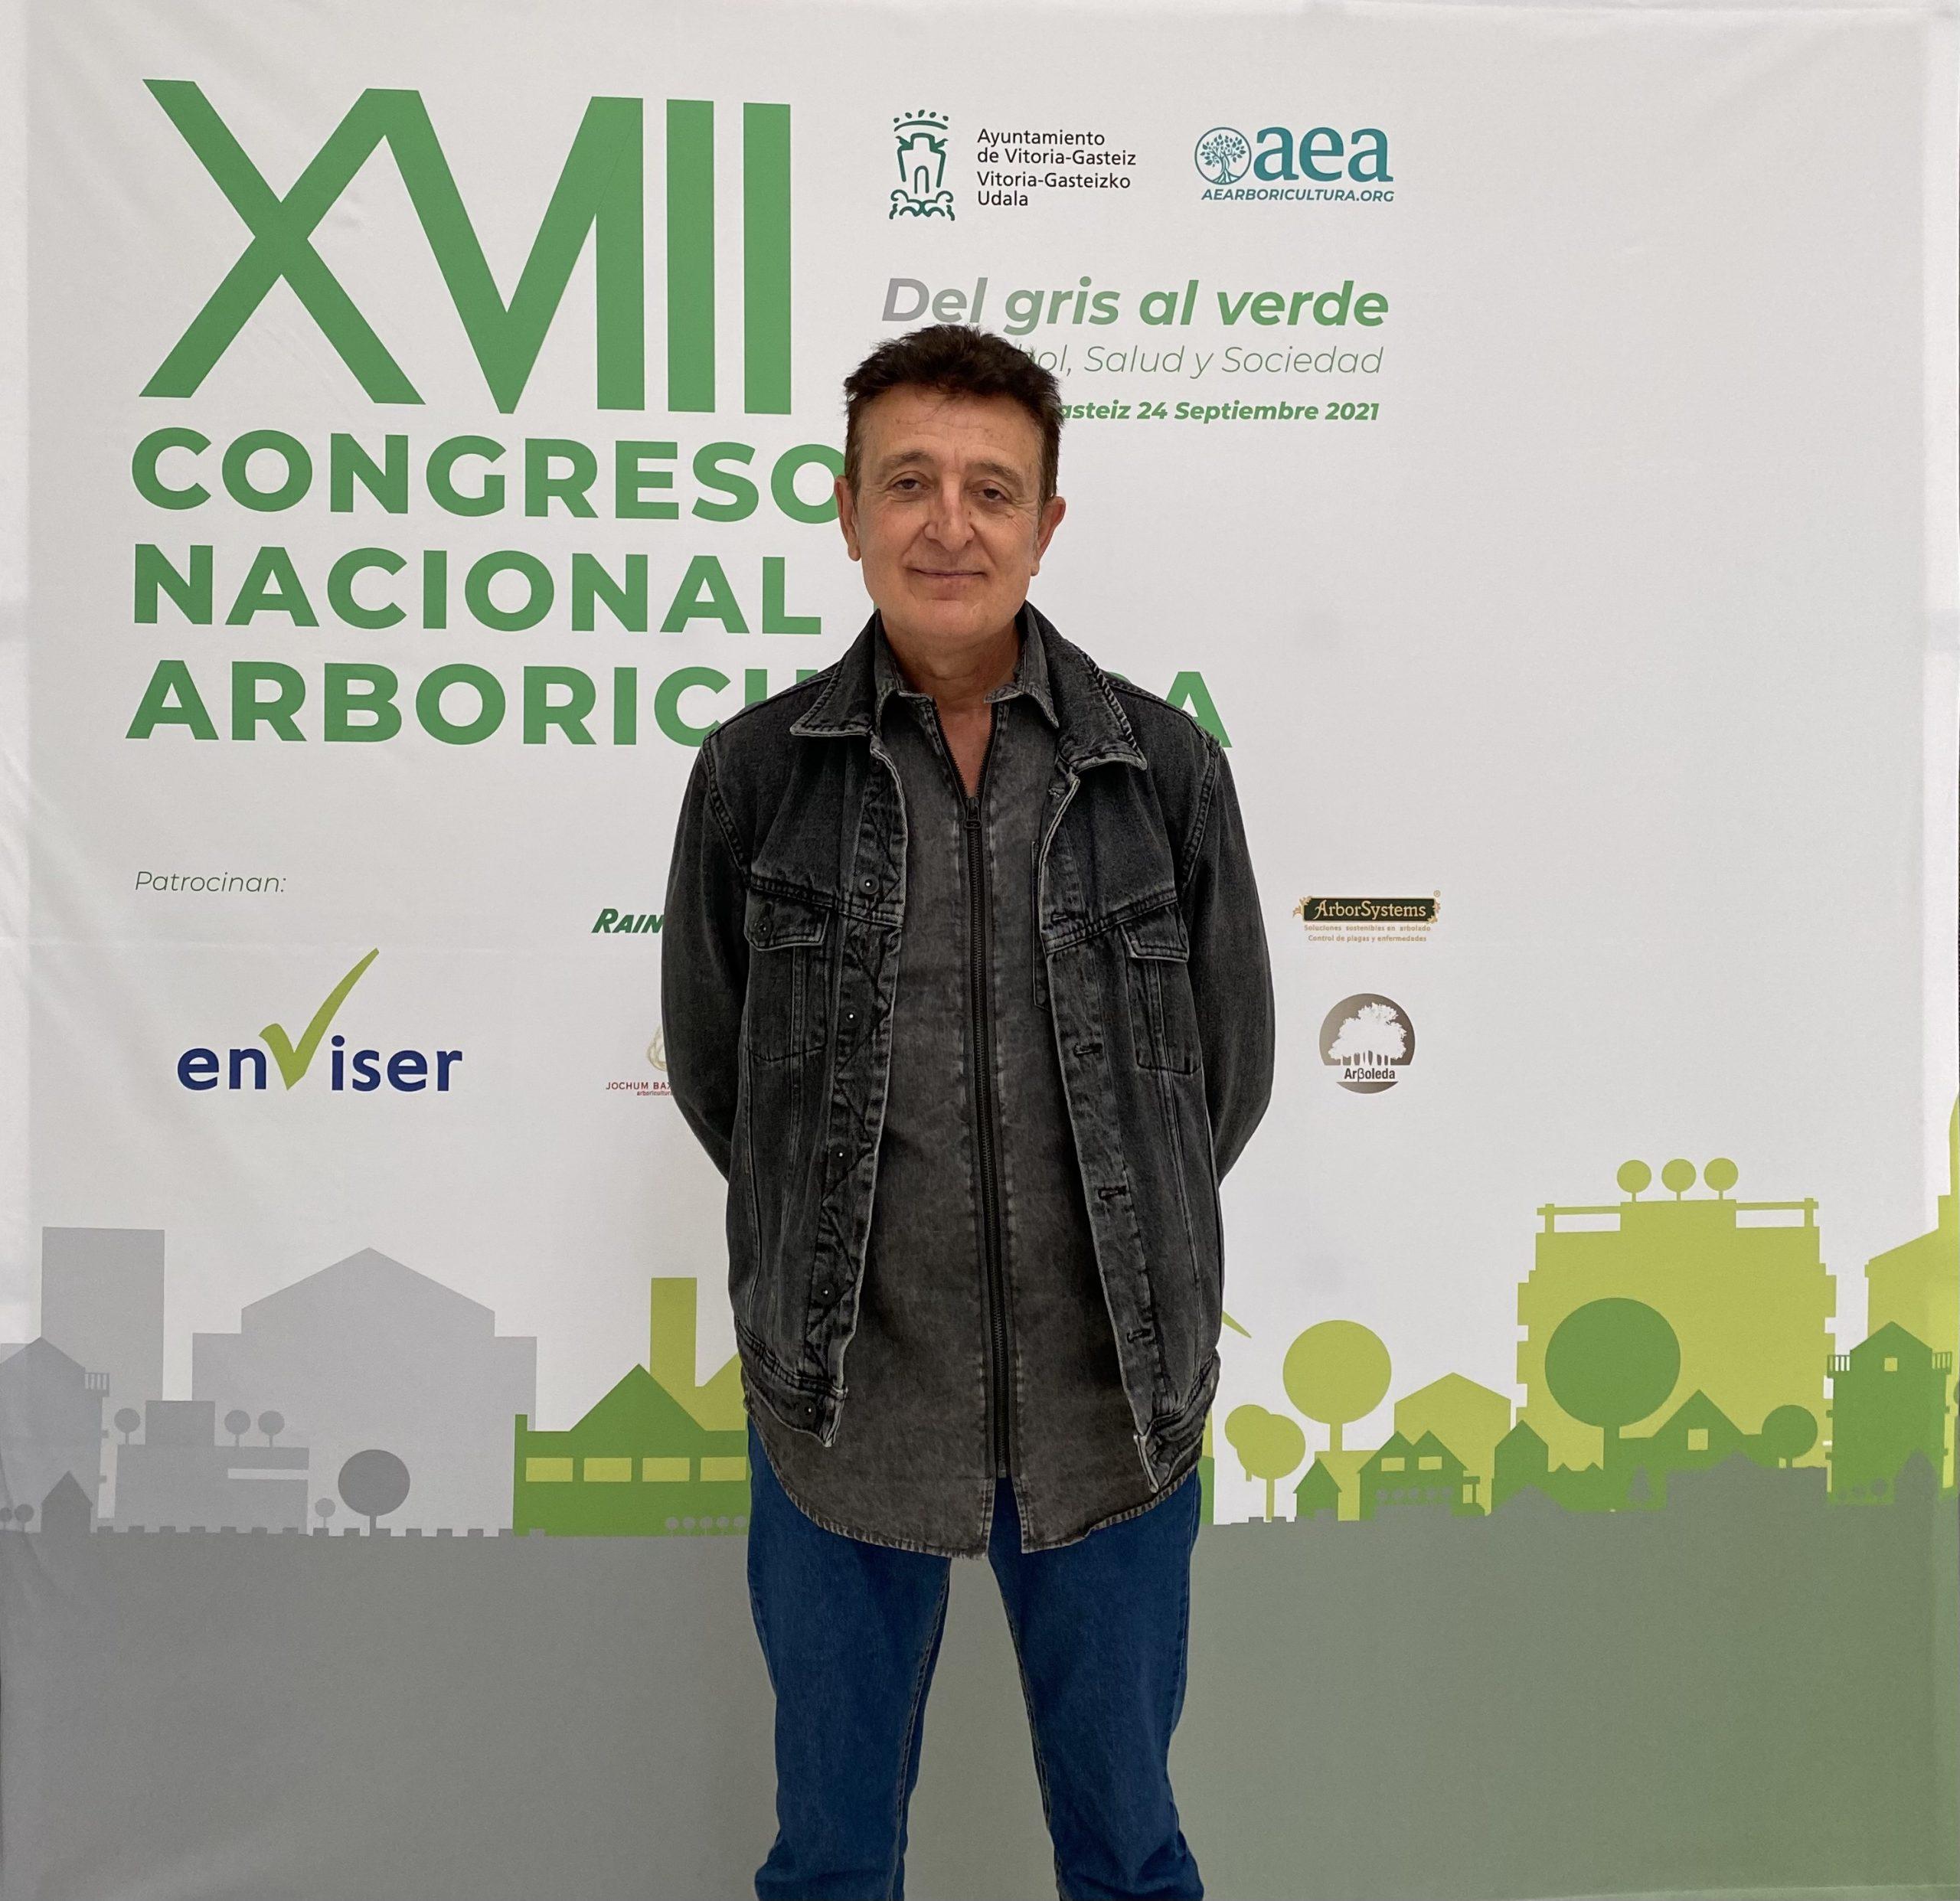 Manolo García arboricultura